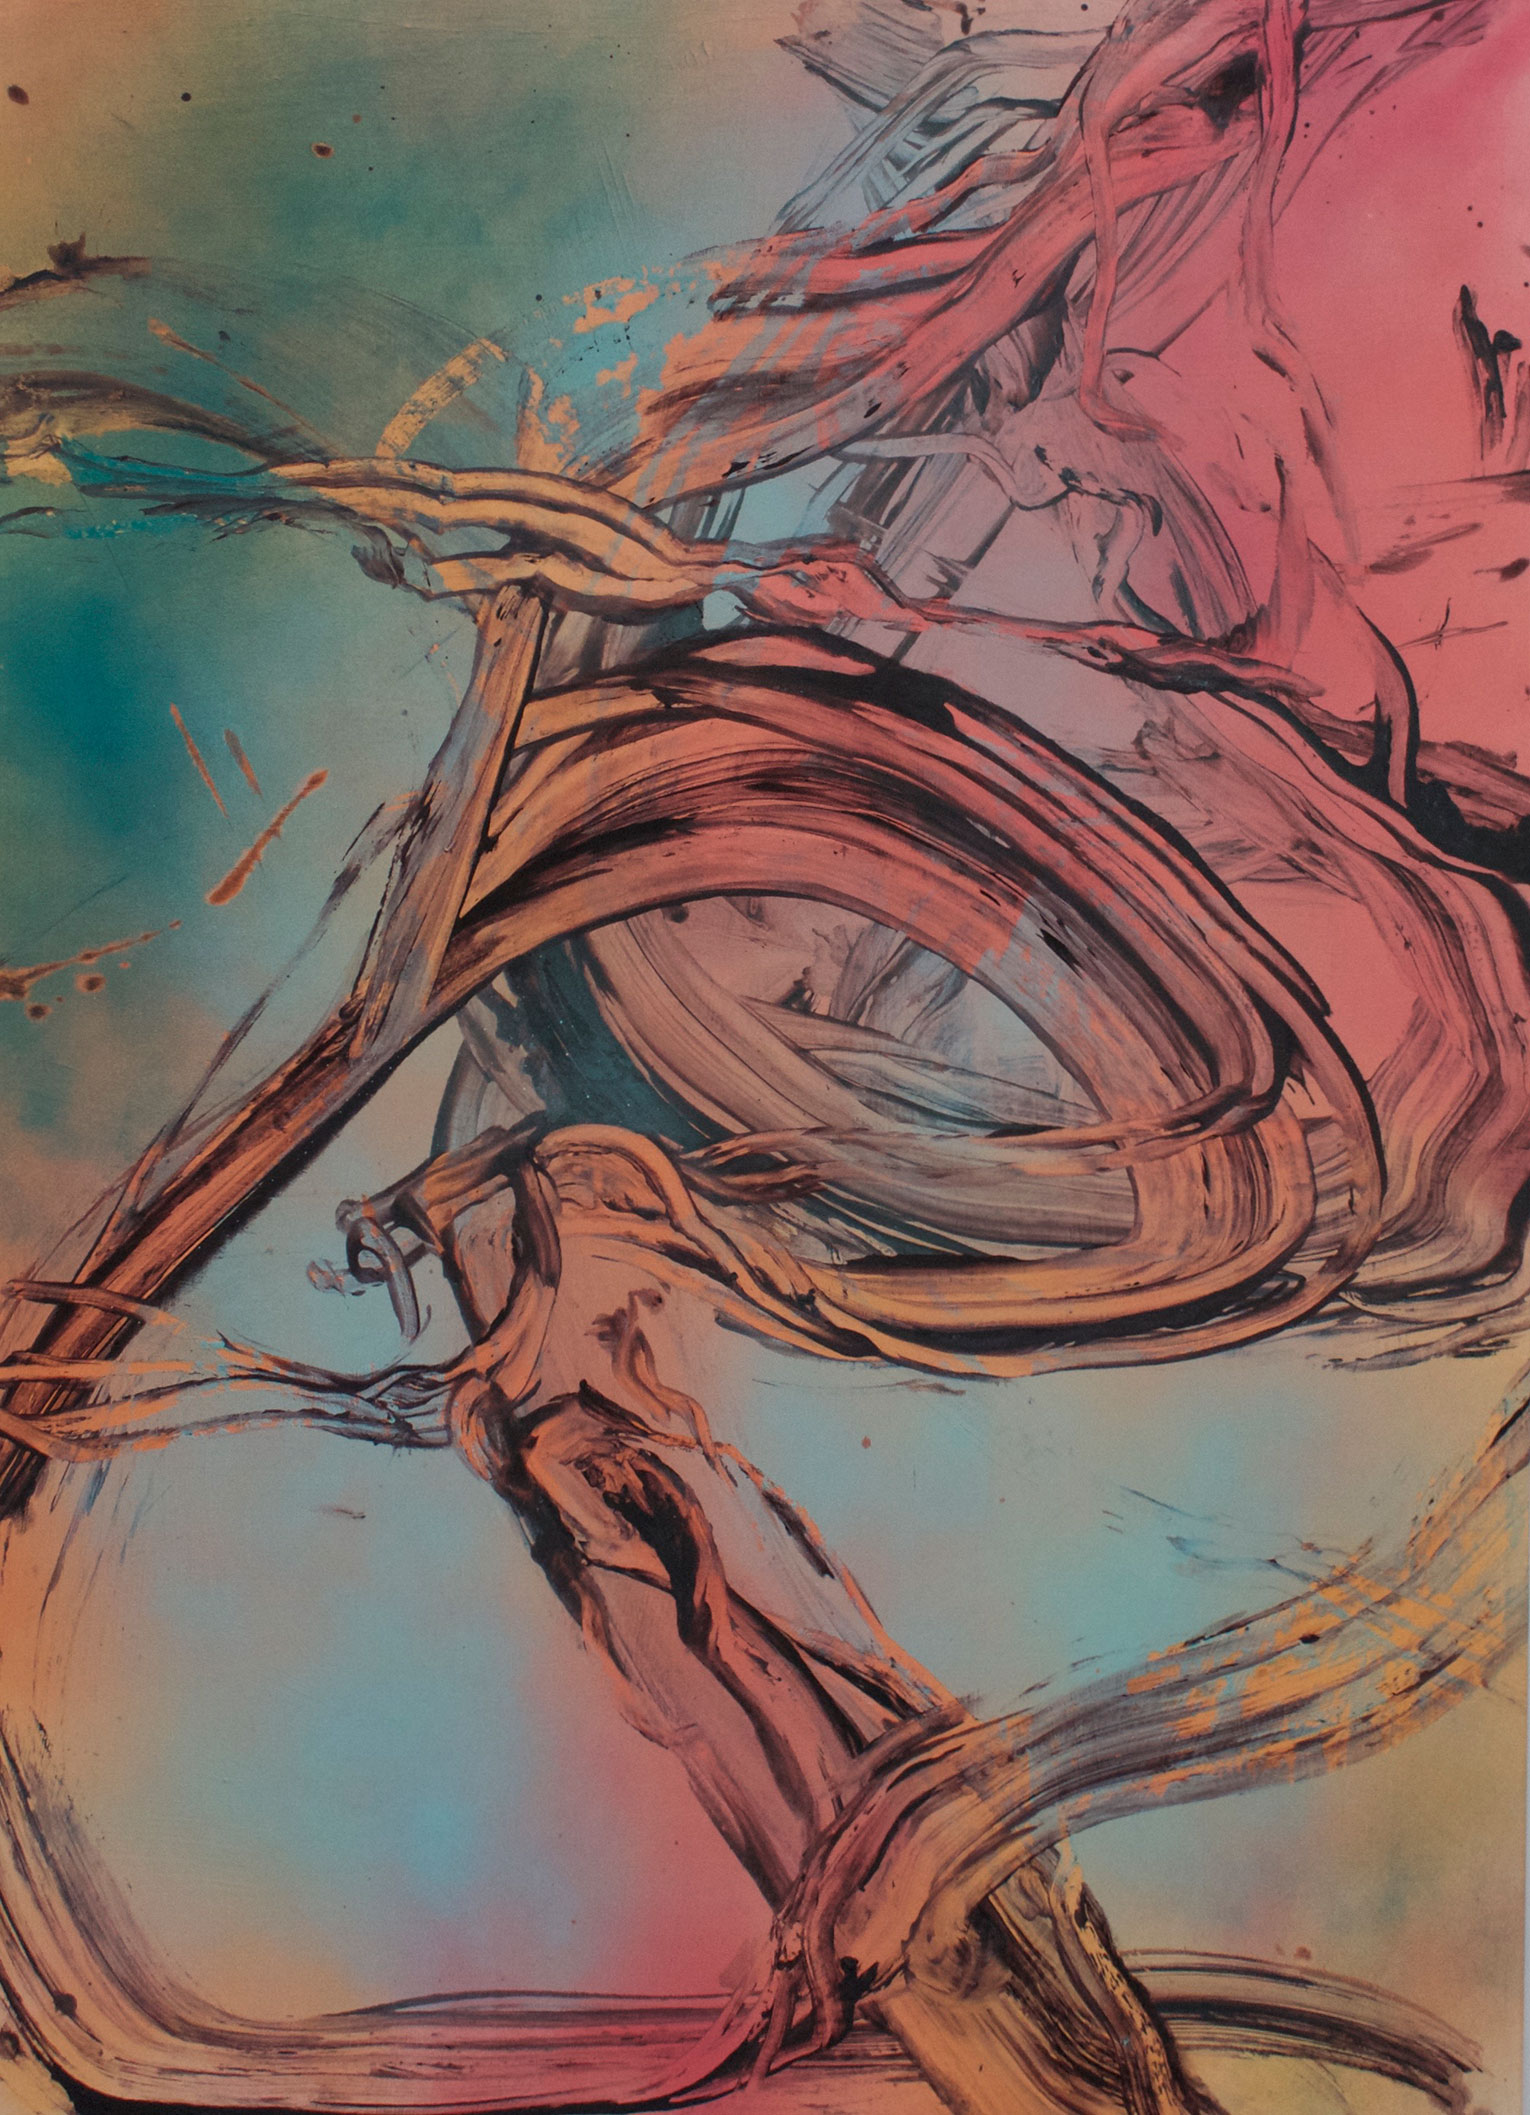 <b>Title:&nbsp;</b>Cloud Rain<br /><b>Year:&nbsp;</b>2018<br /><b>Medium:&nbsp;</b>Acrylic and oil on canvas<br /><b>Size:&nbsp;</b>140 x 100 cm